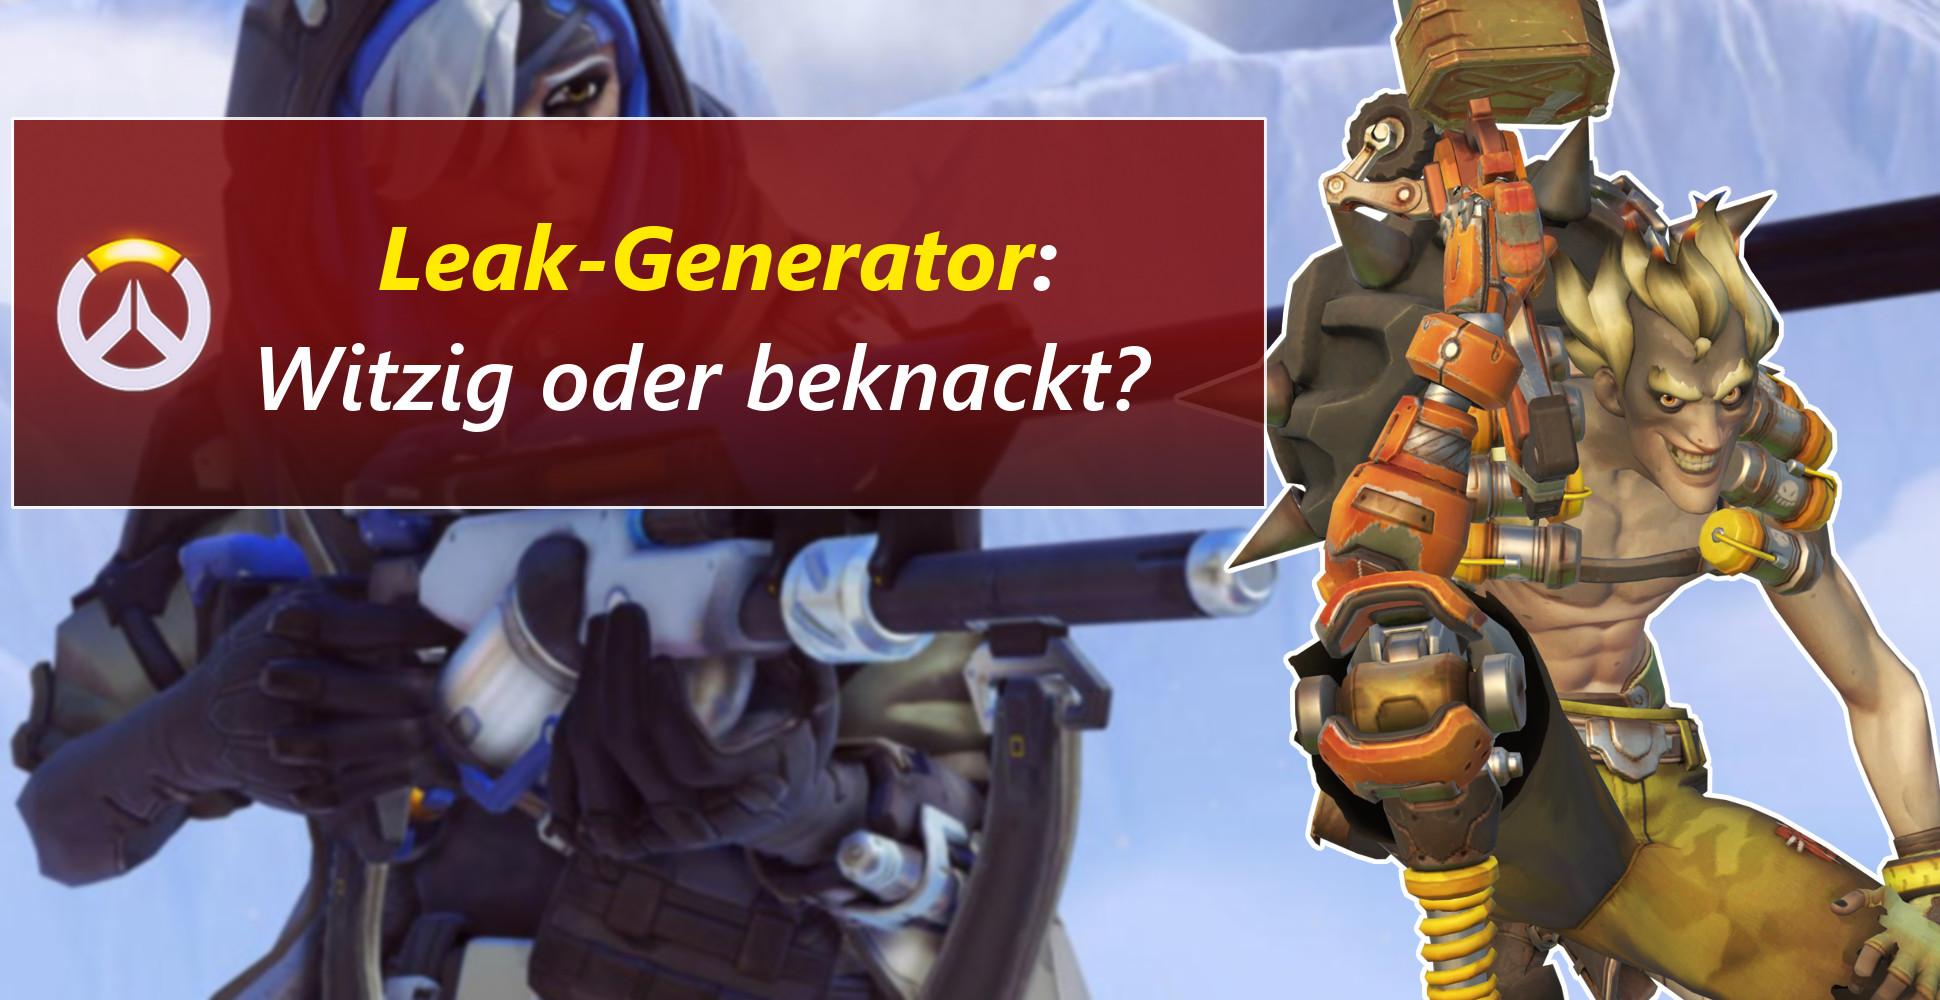 Overwatch: Jede Menge Fake-Leaks – Das ist der Leak-Generator!